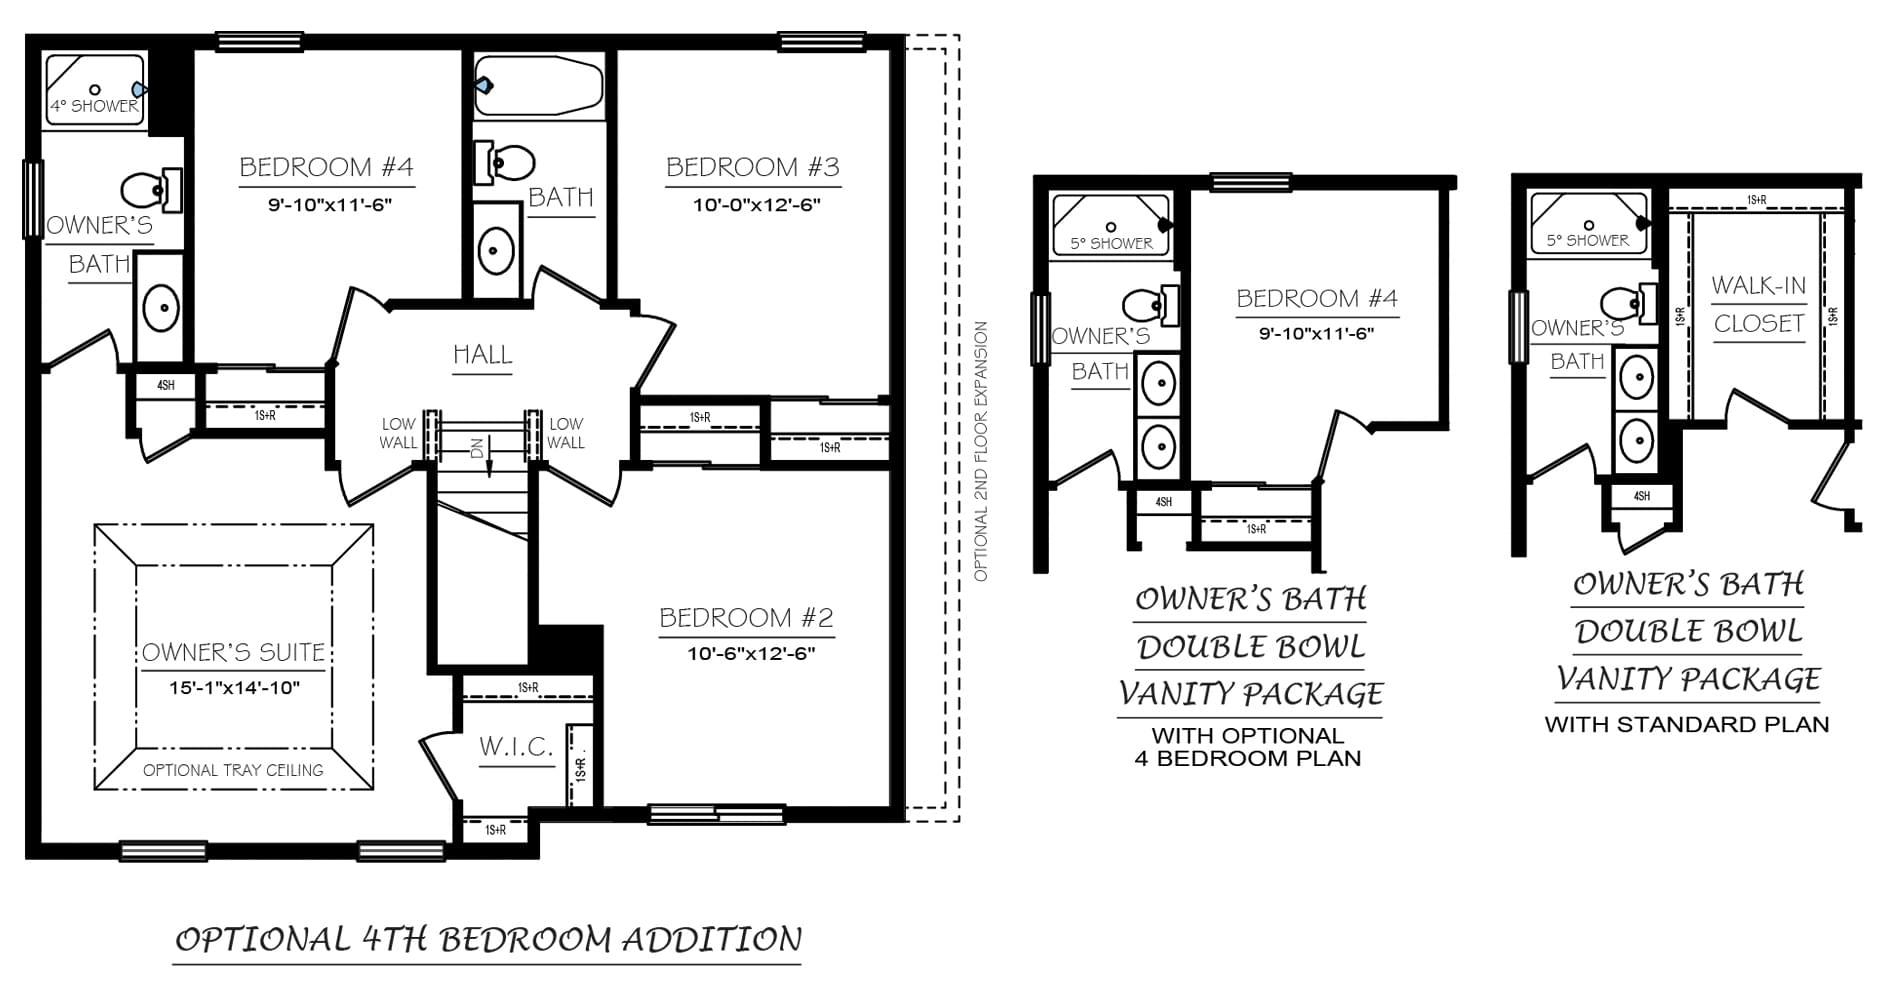 Bellwoode Floor Plans